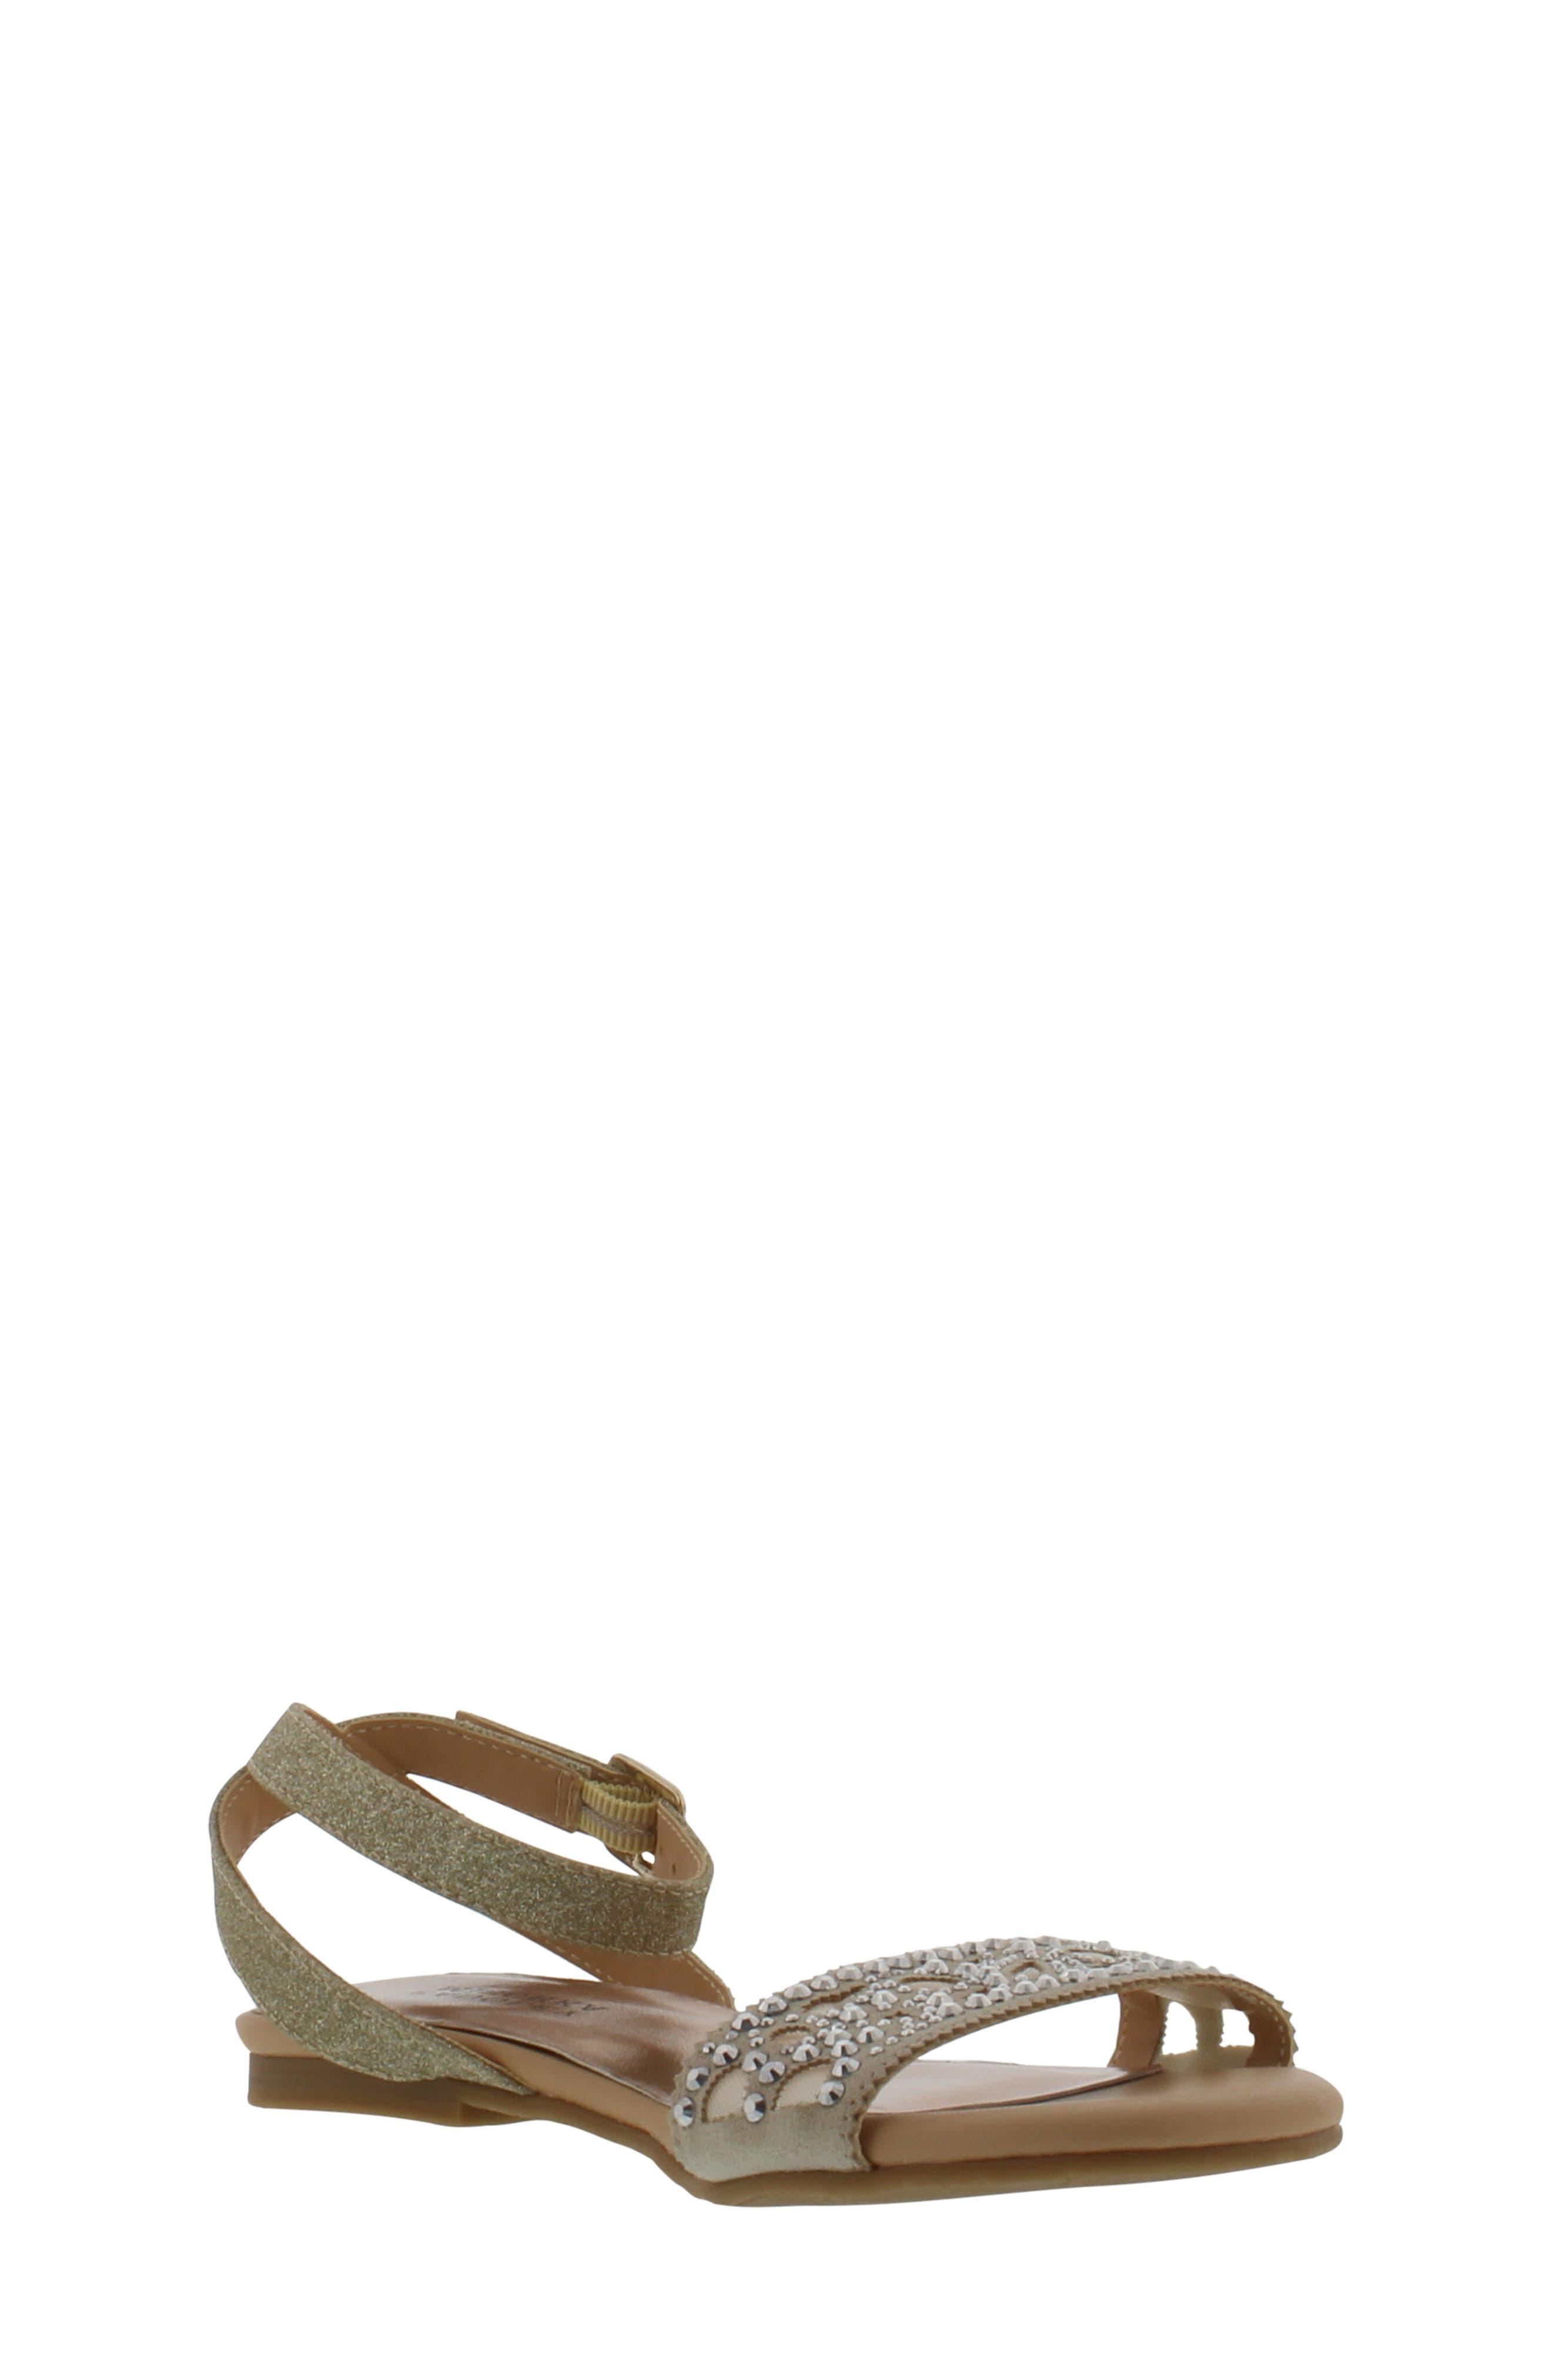 Cara Embellished Sandal,                         Main,                         color, 710